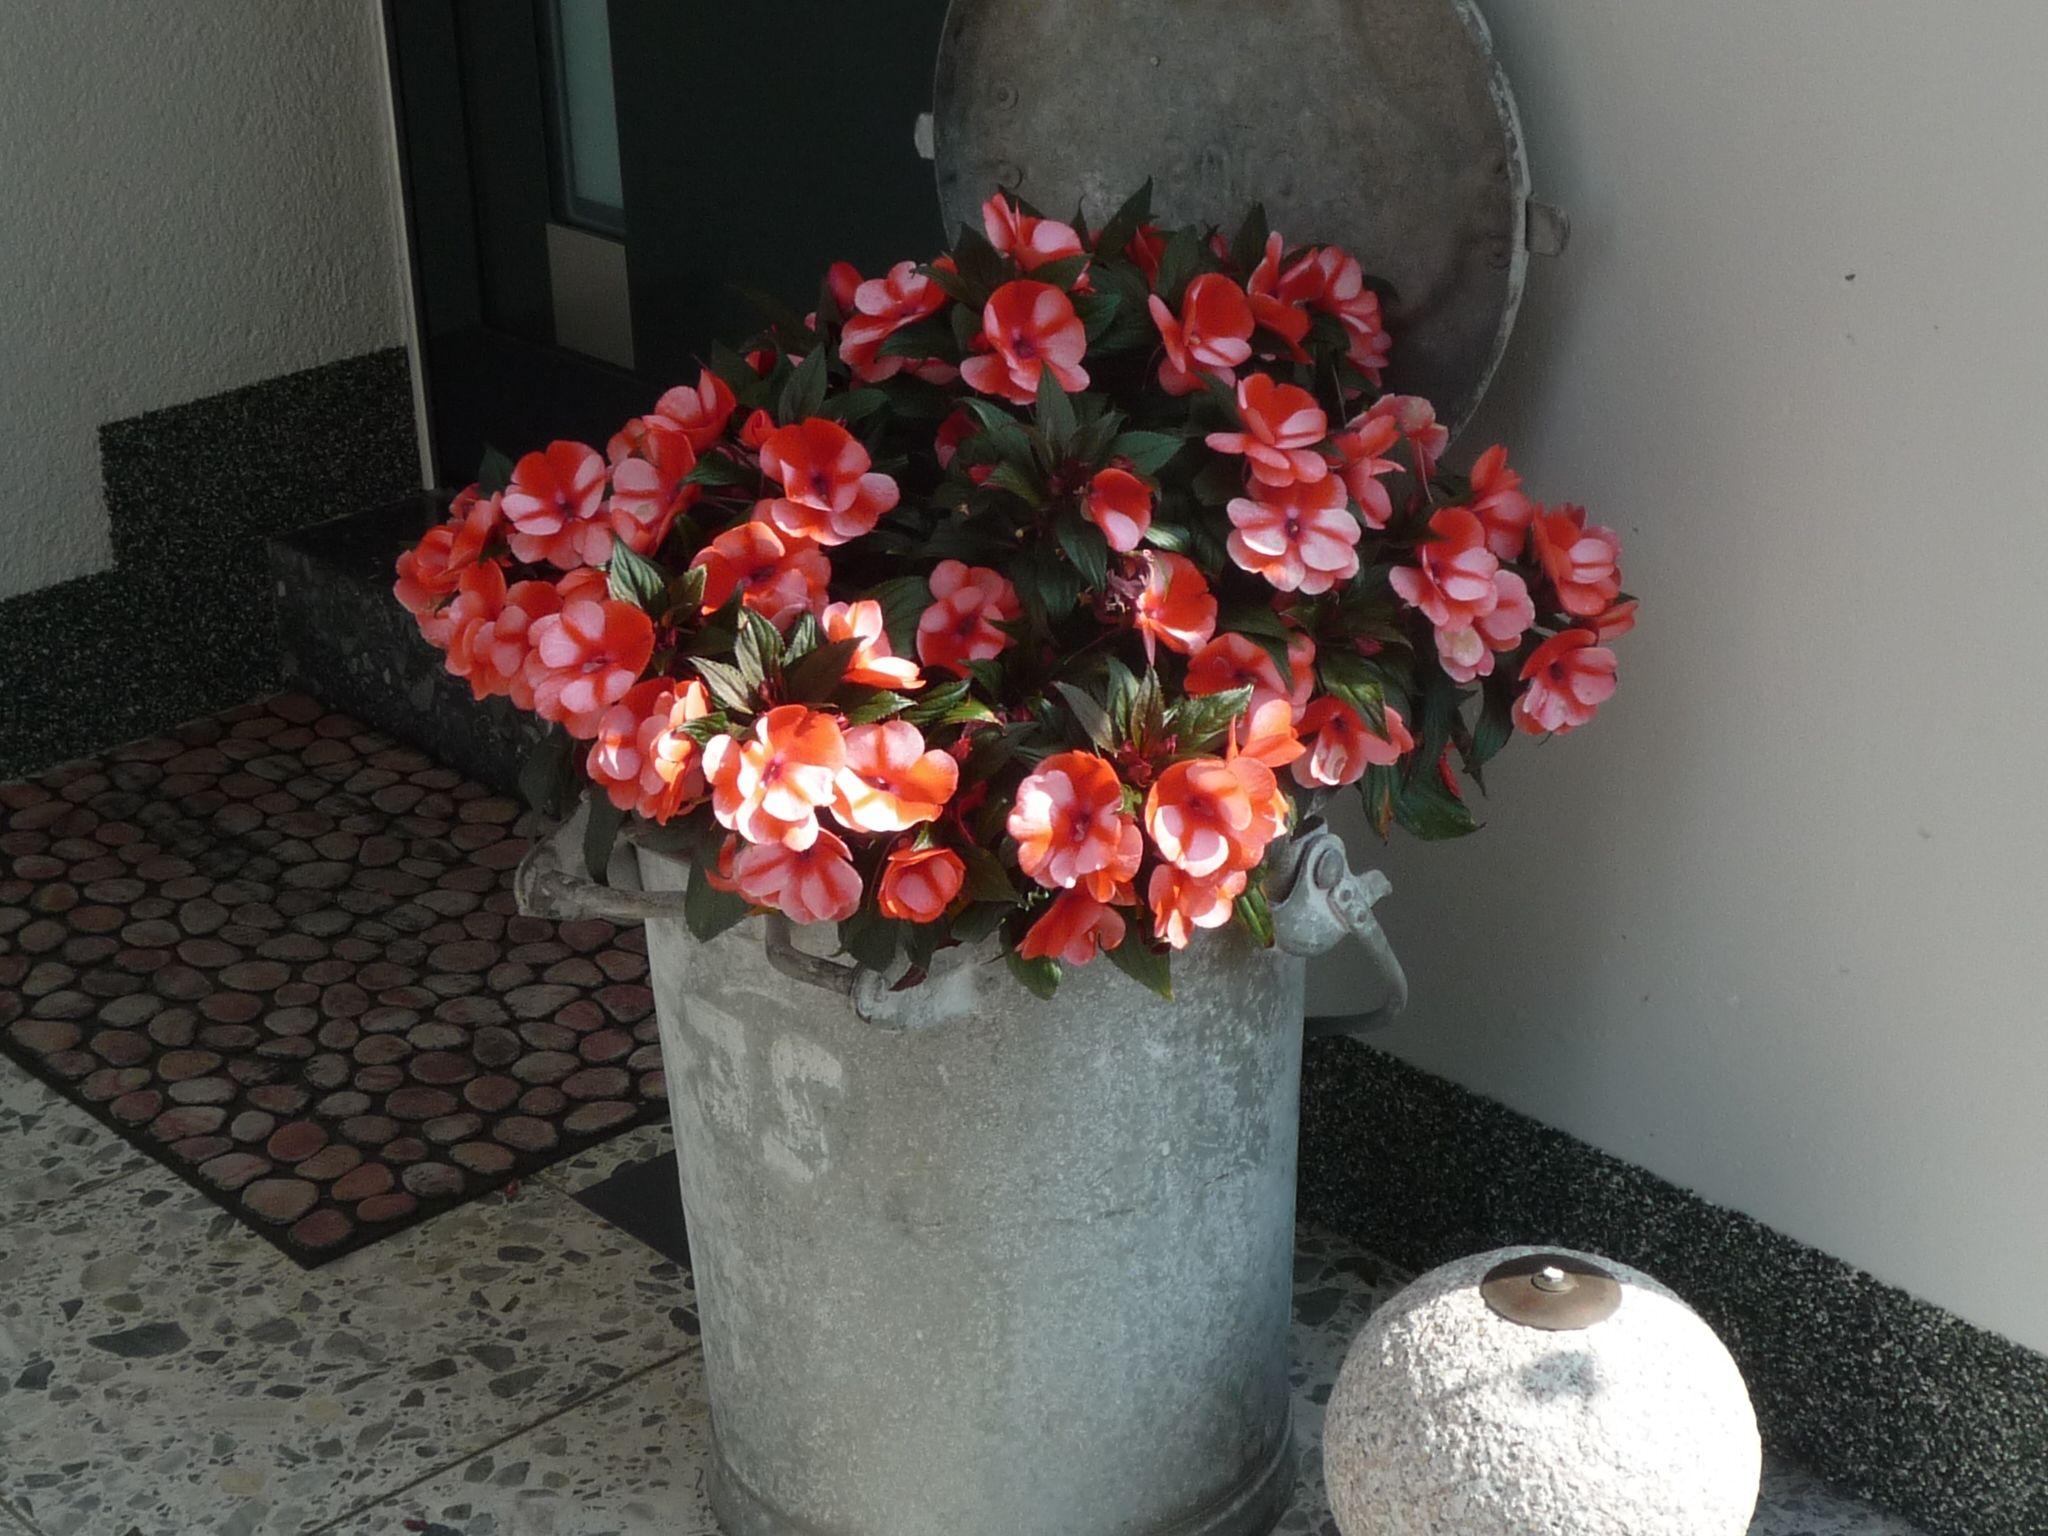 Schöne Blumen Blumen Garten Pinterest Schöne Blumen Blumen